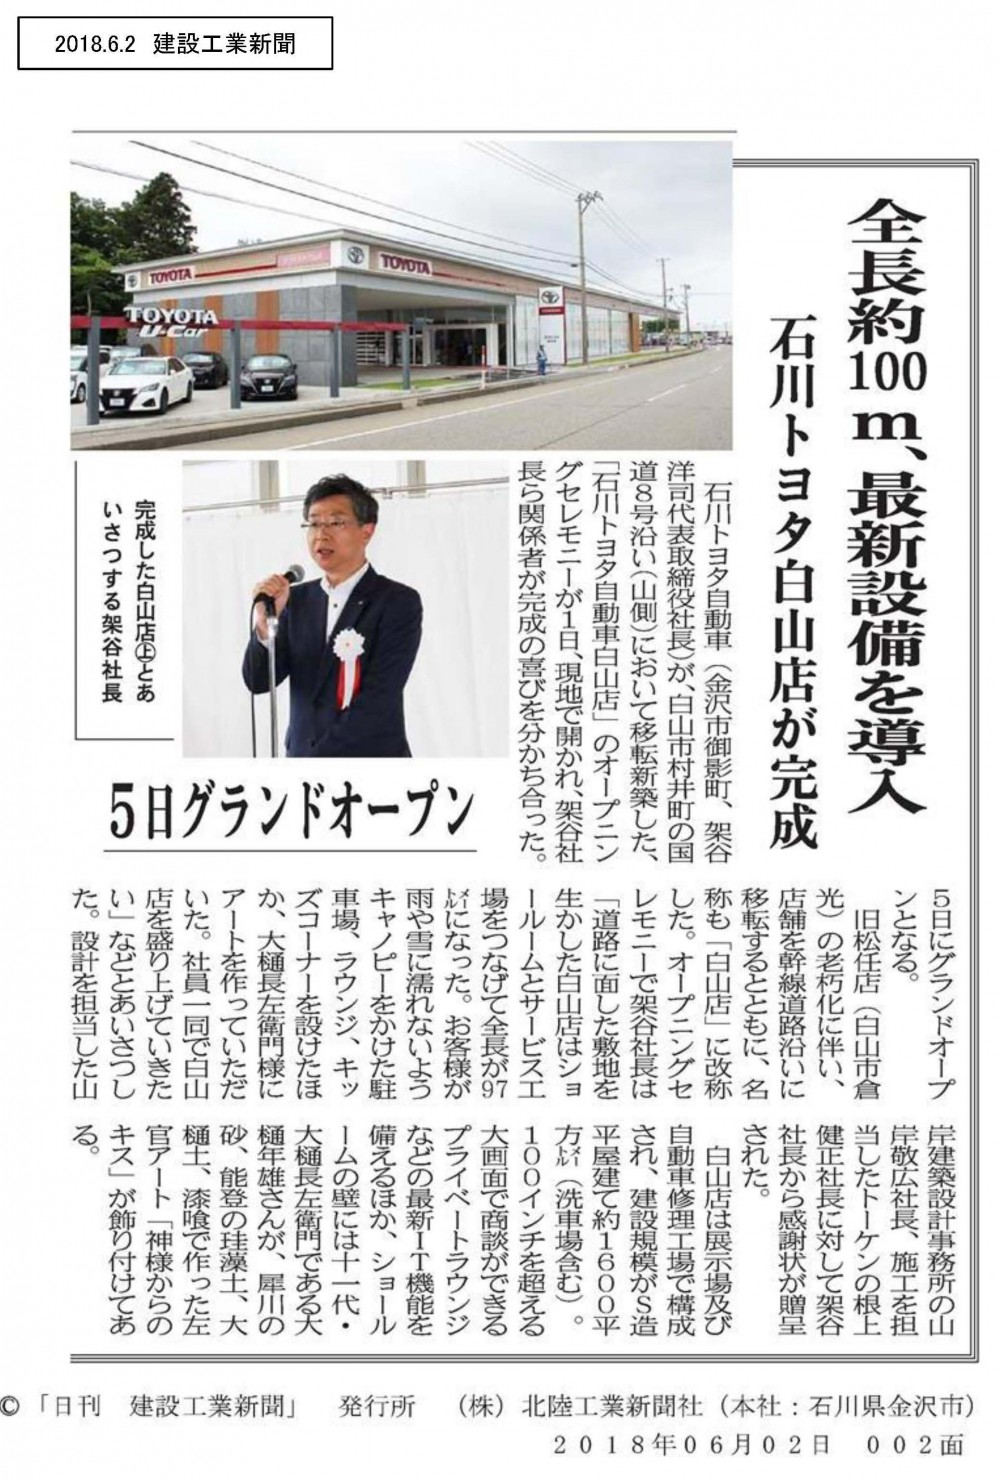 20180602_石川トヨタ白山「竣工式」(建工)